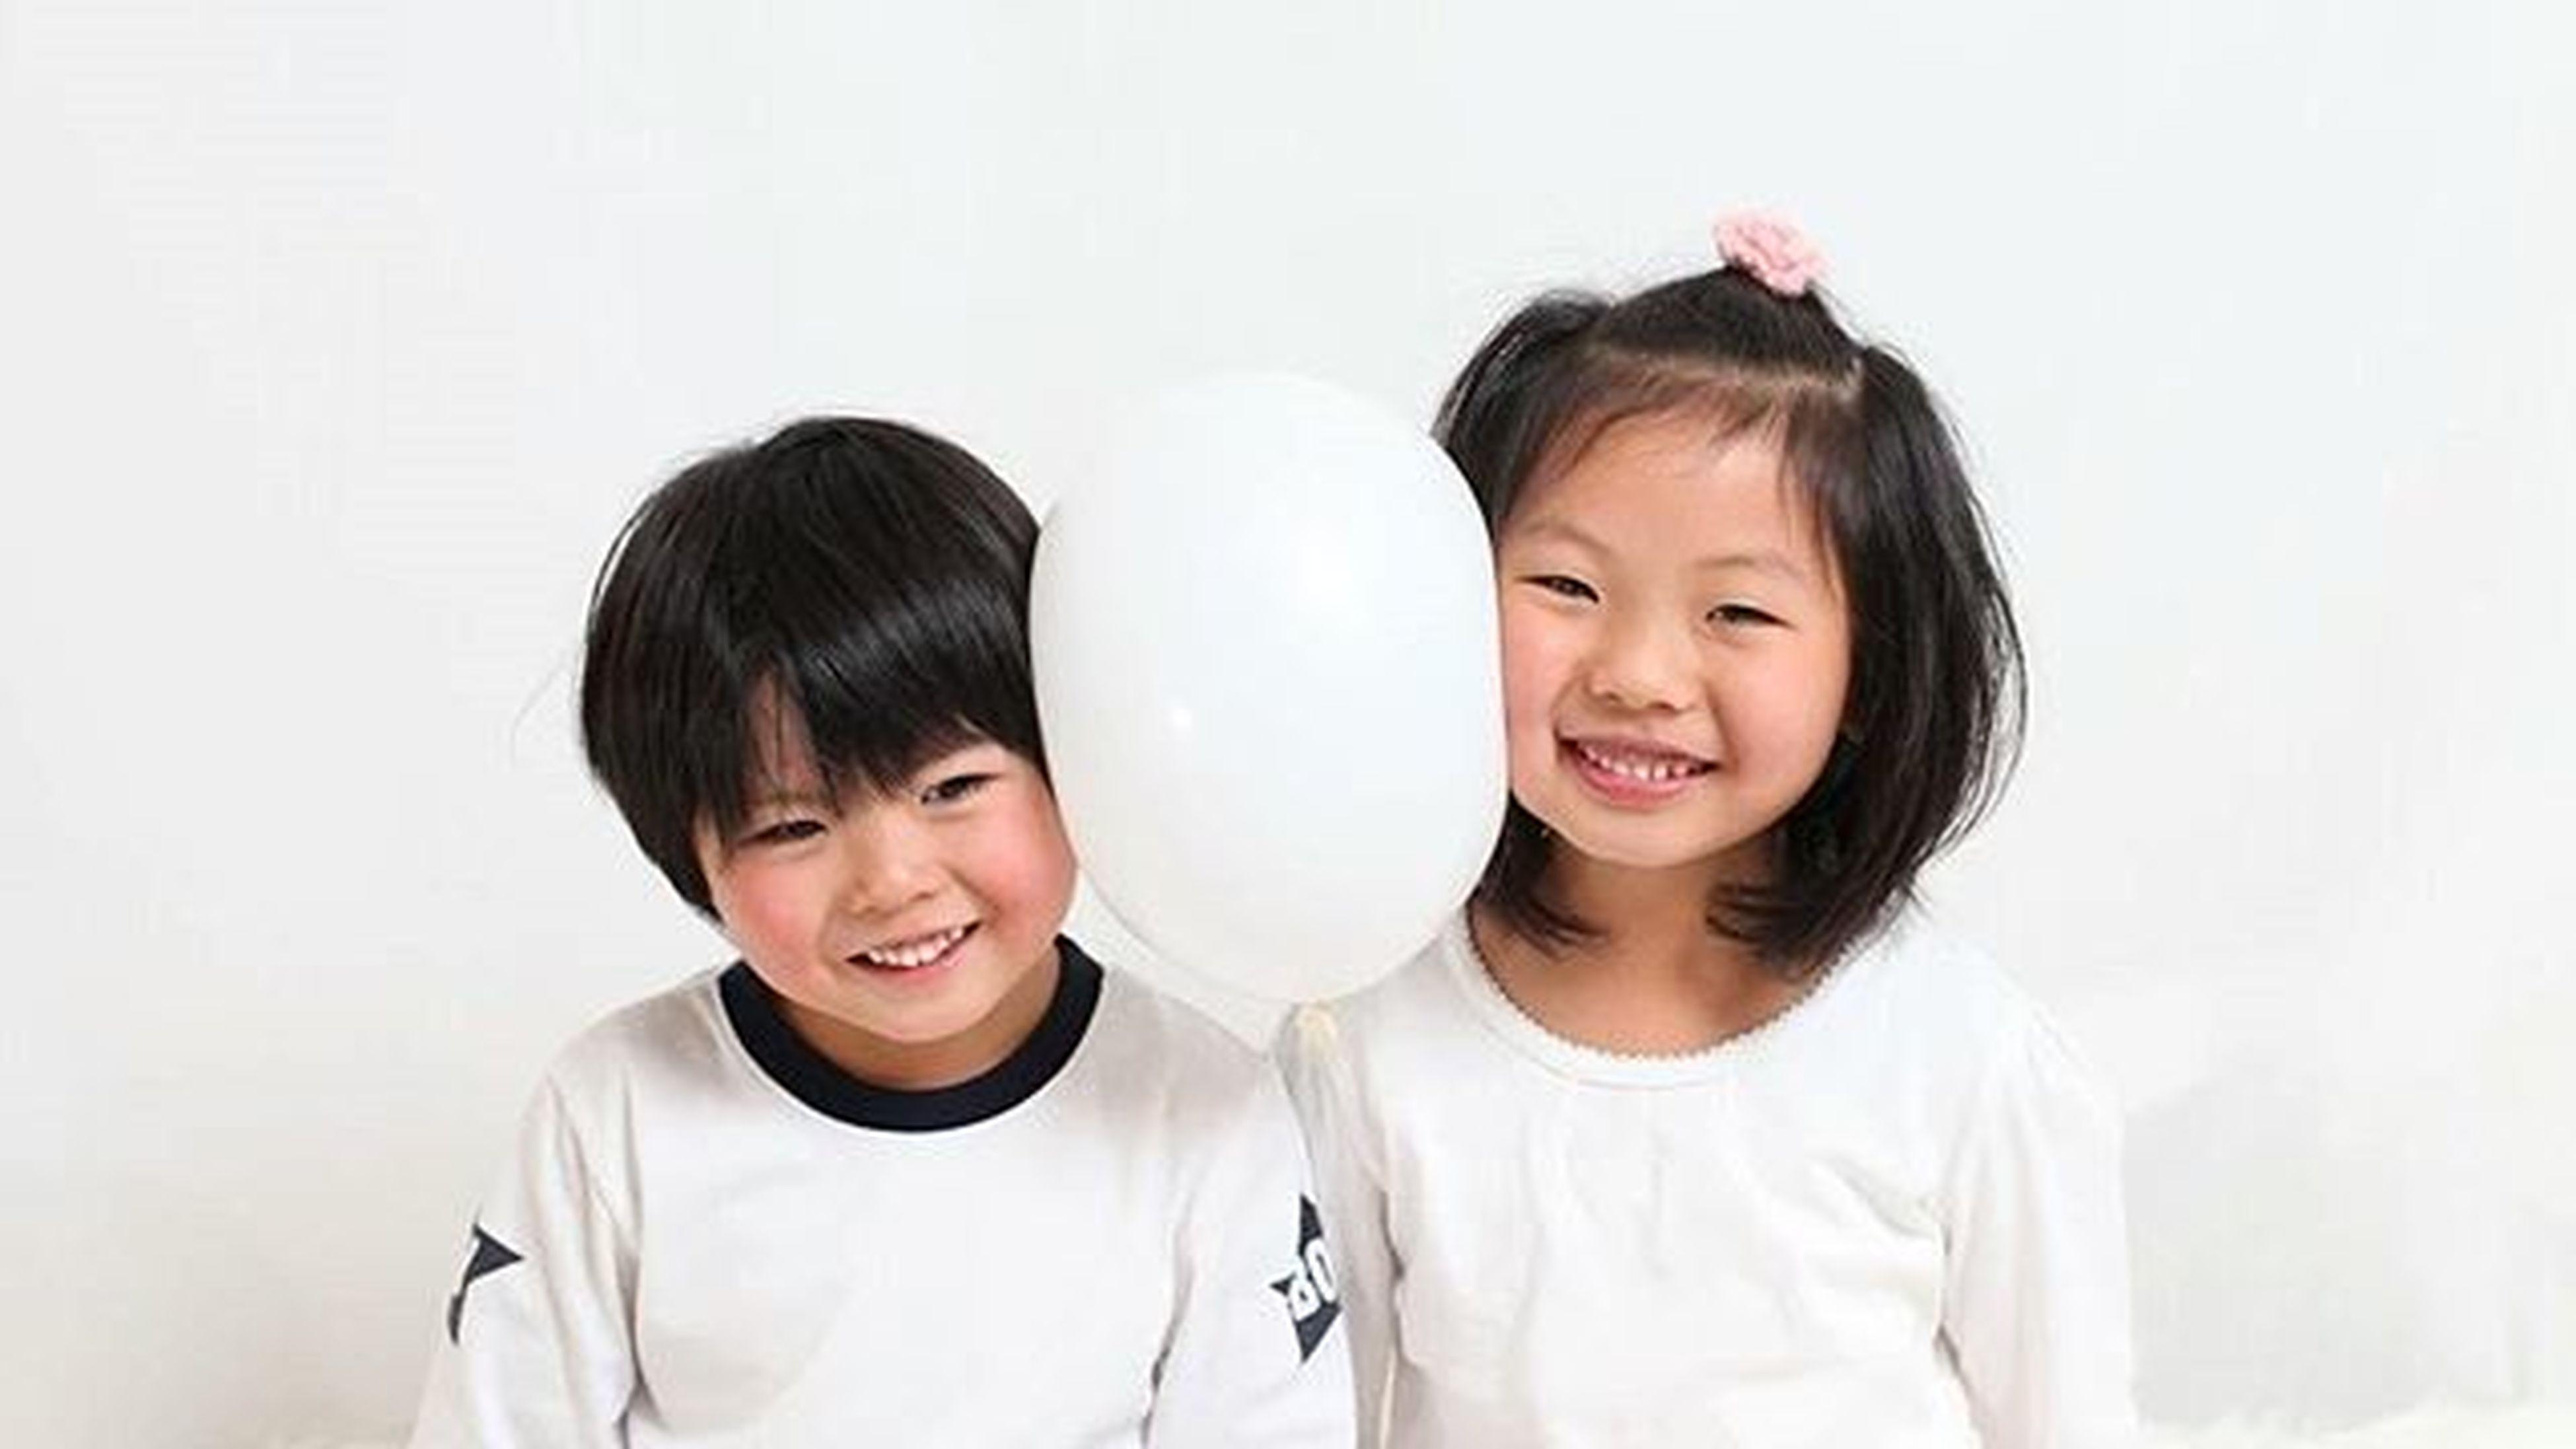 子供 キッズ 写真 背景 白 Photo 笑顔 可愛い うつし屋桜 Kidsphoto キッズモデル モデル 撮影